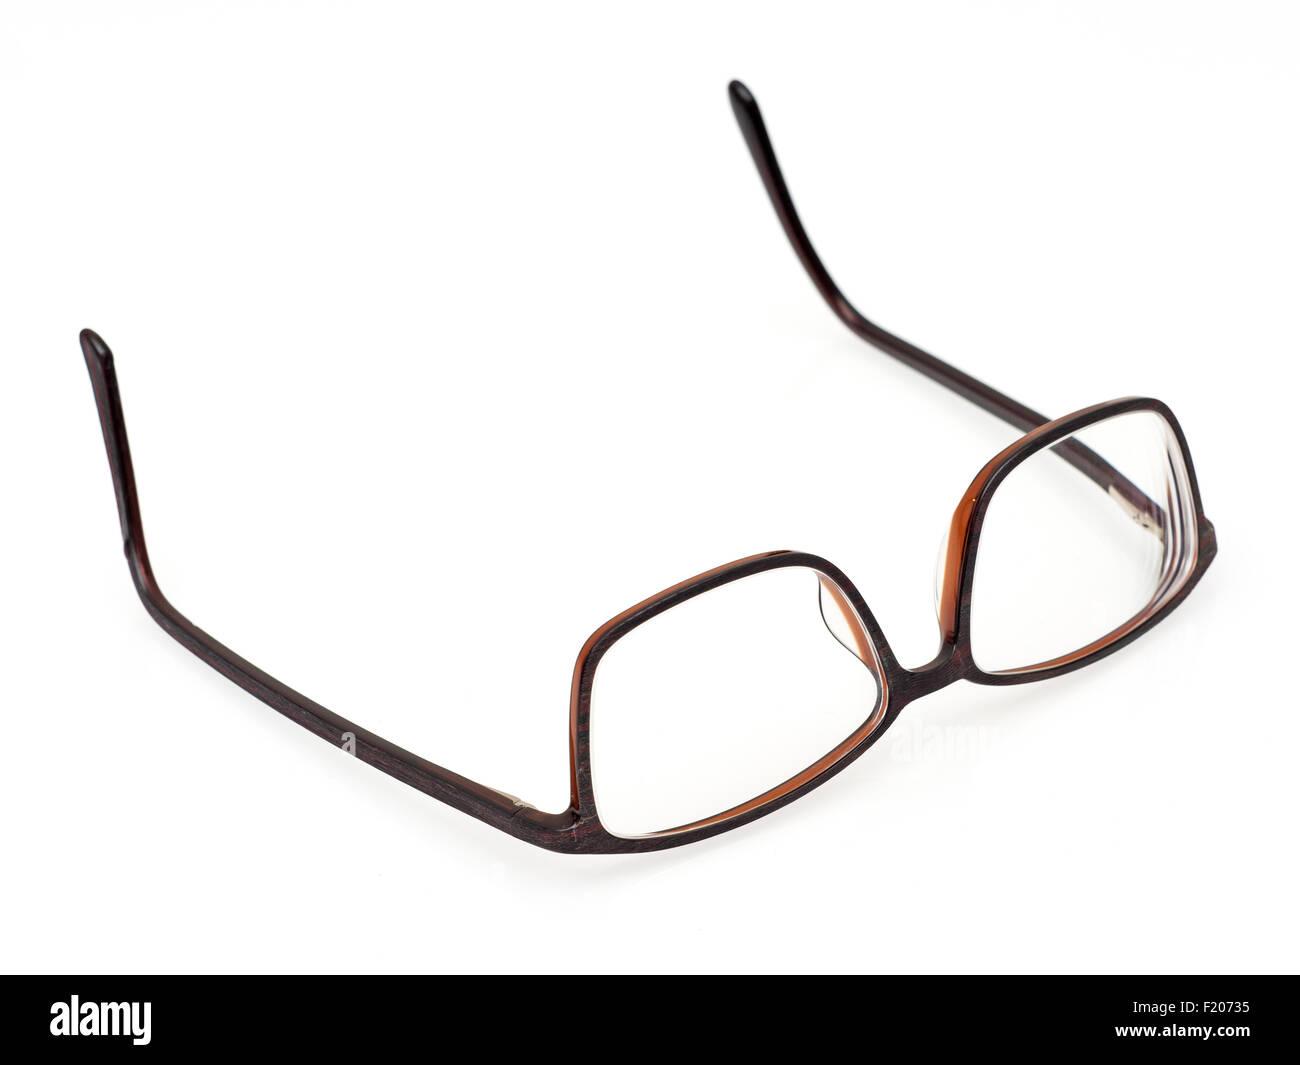 Brille auf weißem Hintergrund - Stock Image